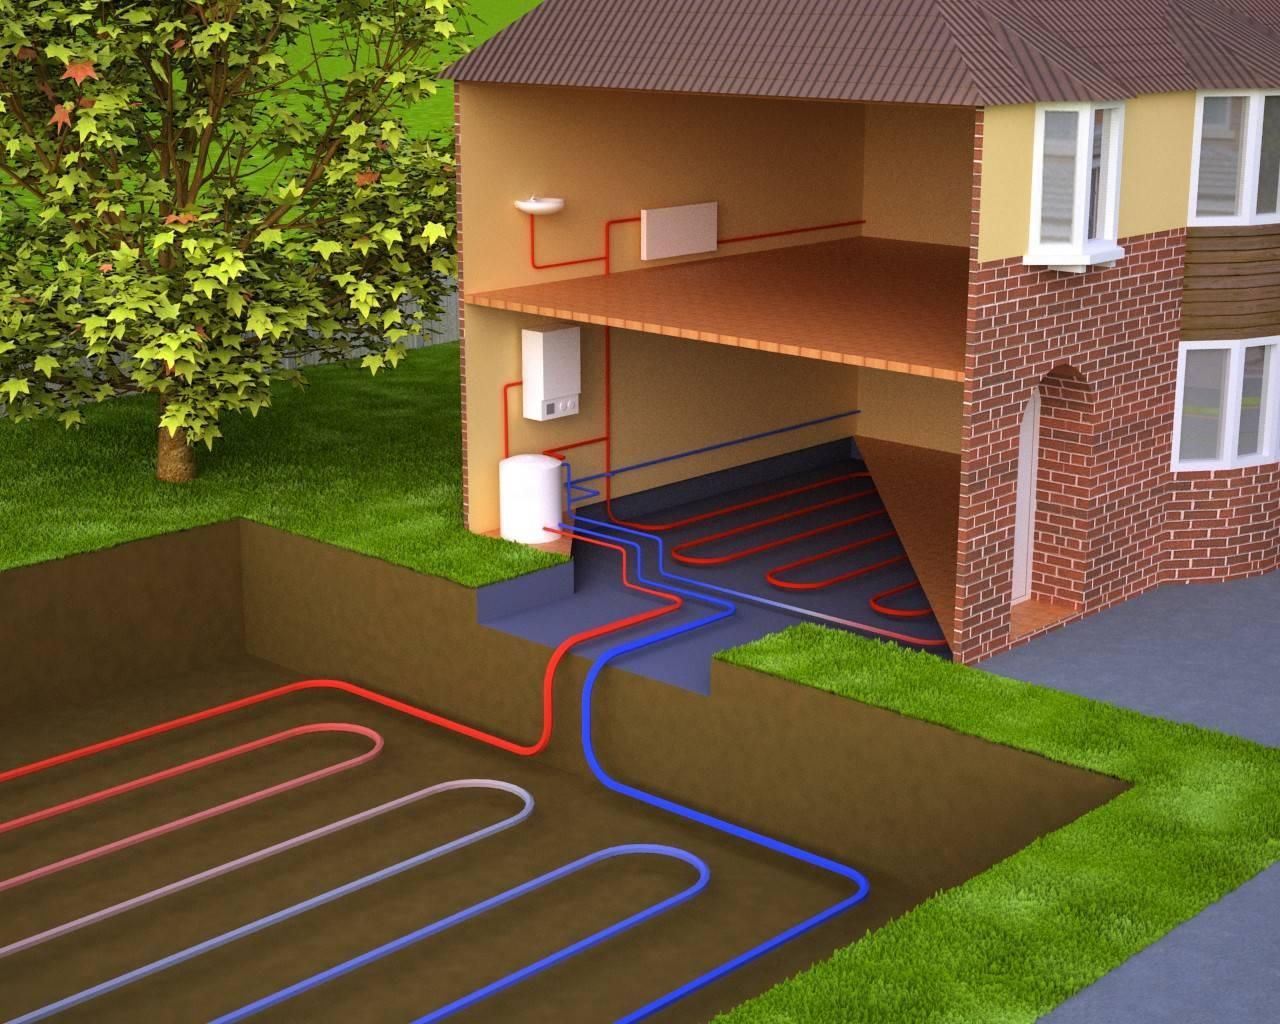 Тепловые насосы своими руками: делаем тепловой насос для дома